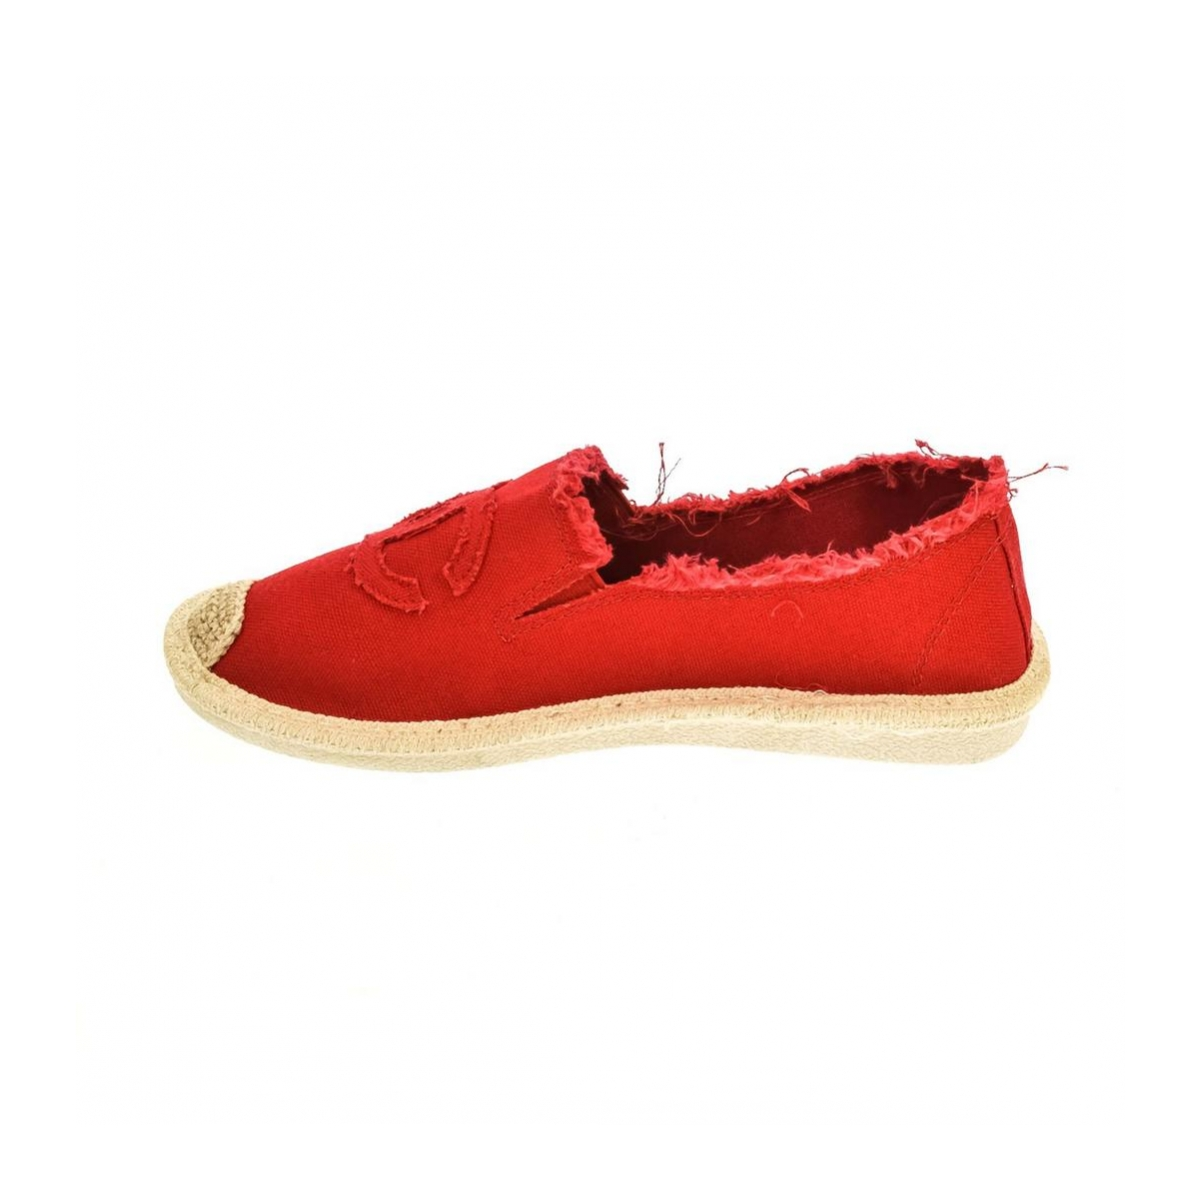 dc0d0a31a0 Dámske červené poltopánky CHANEL - 6